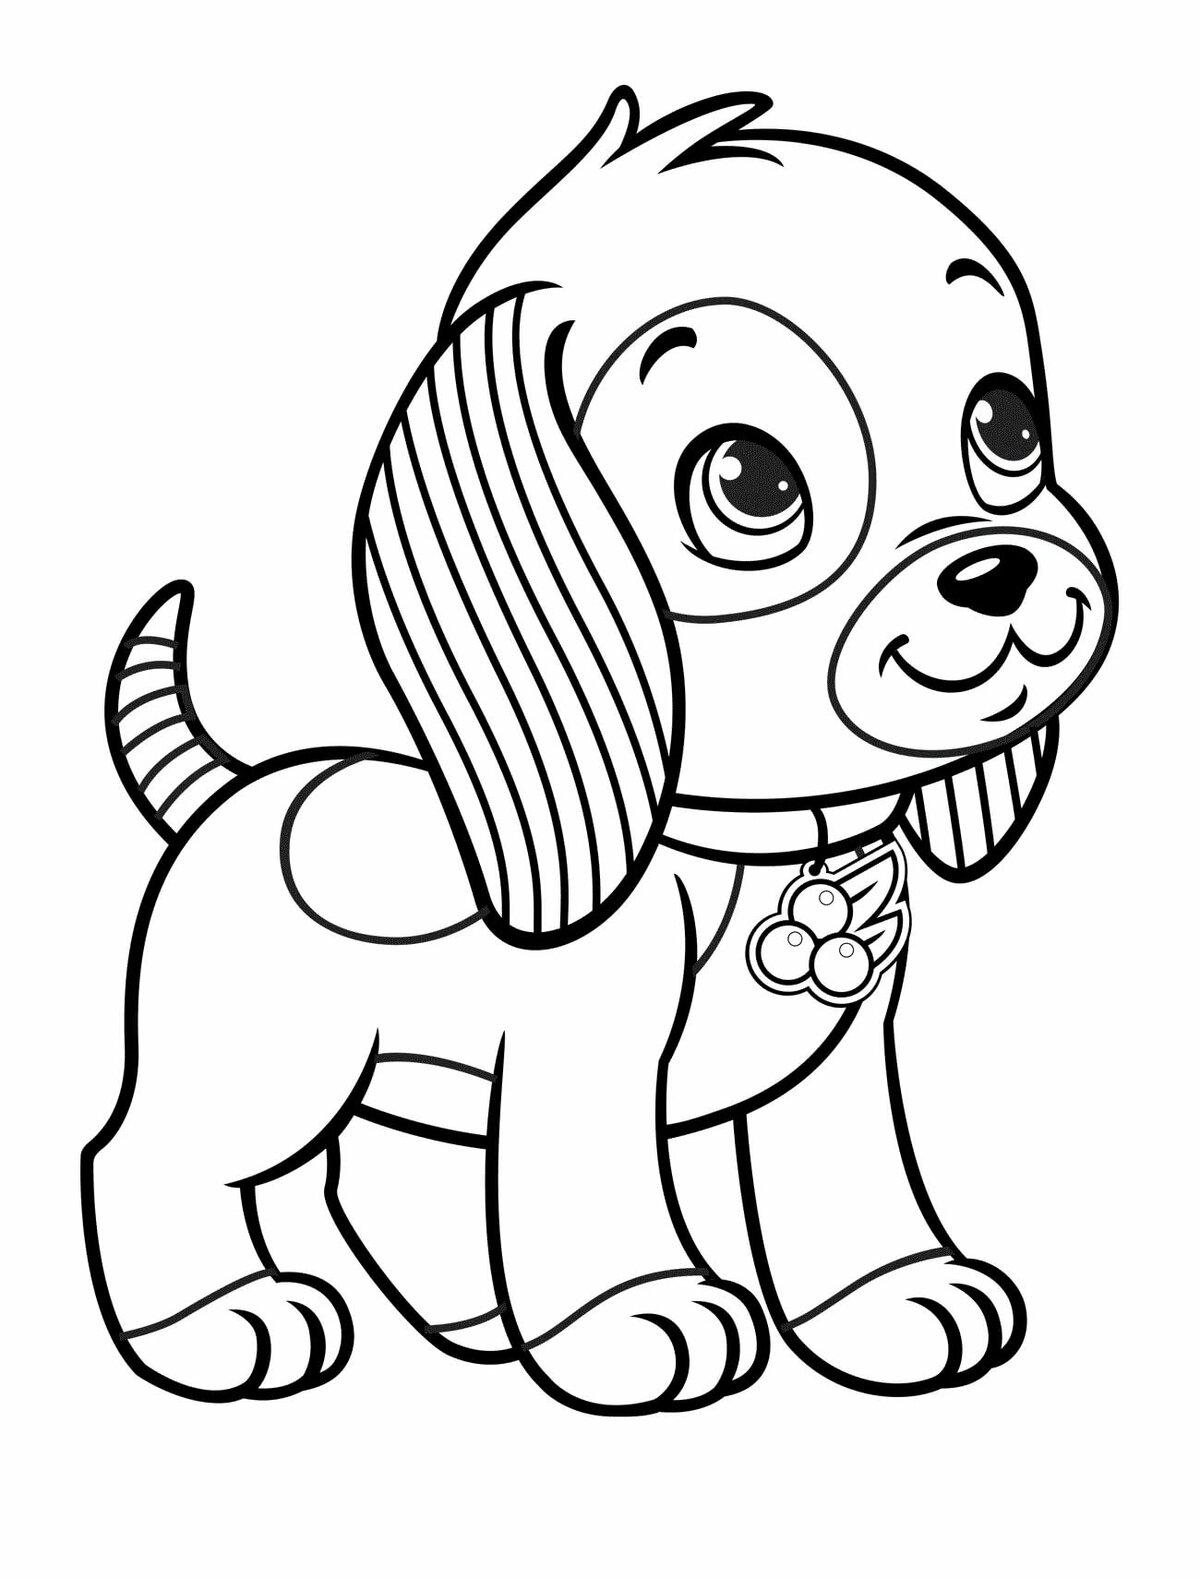 Открытка раскраски, картинки с собачками для раскрашивания распечатать